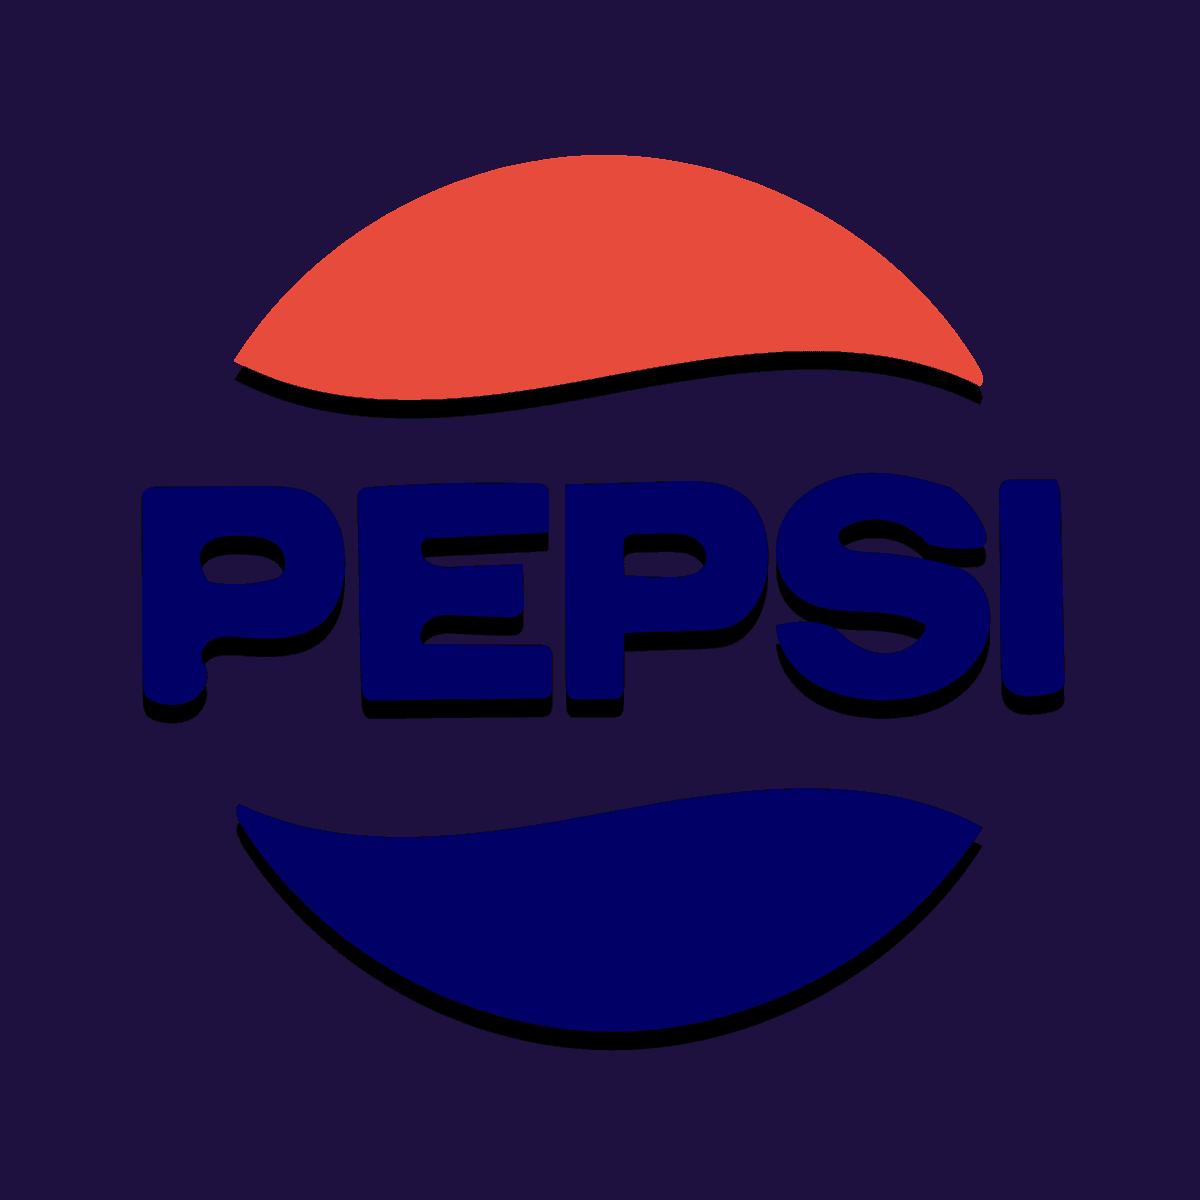 לוגו של קולה